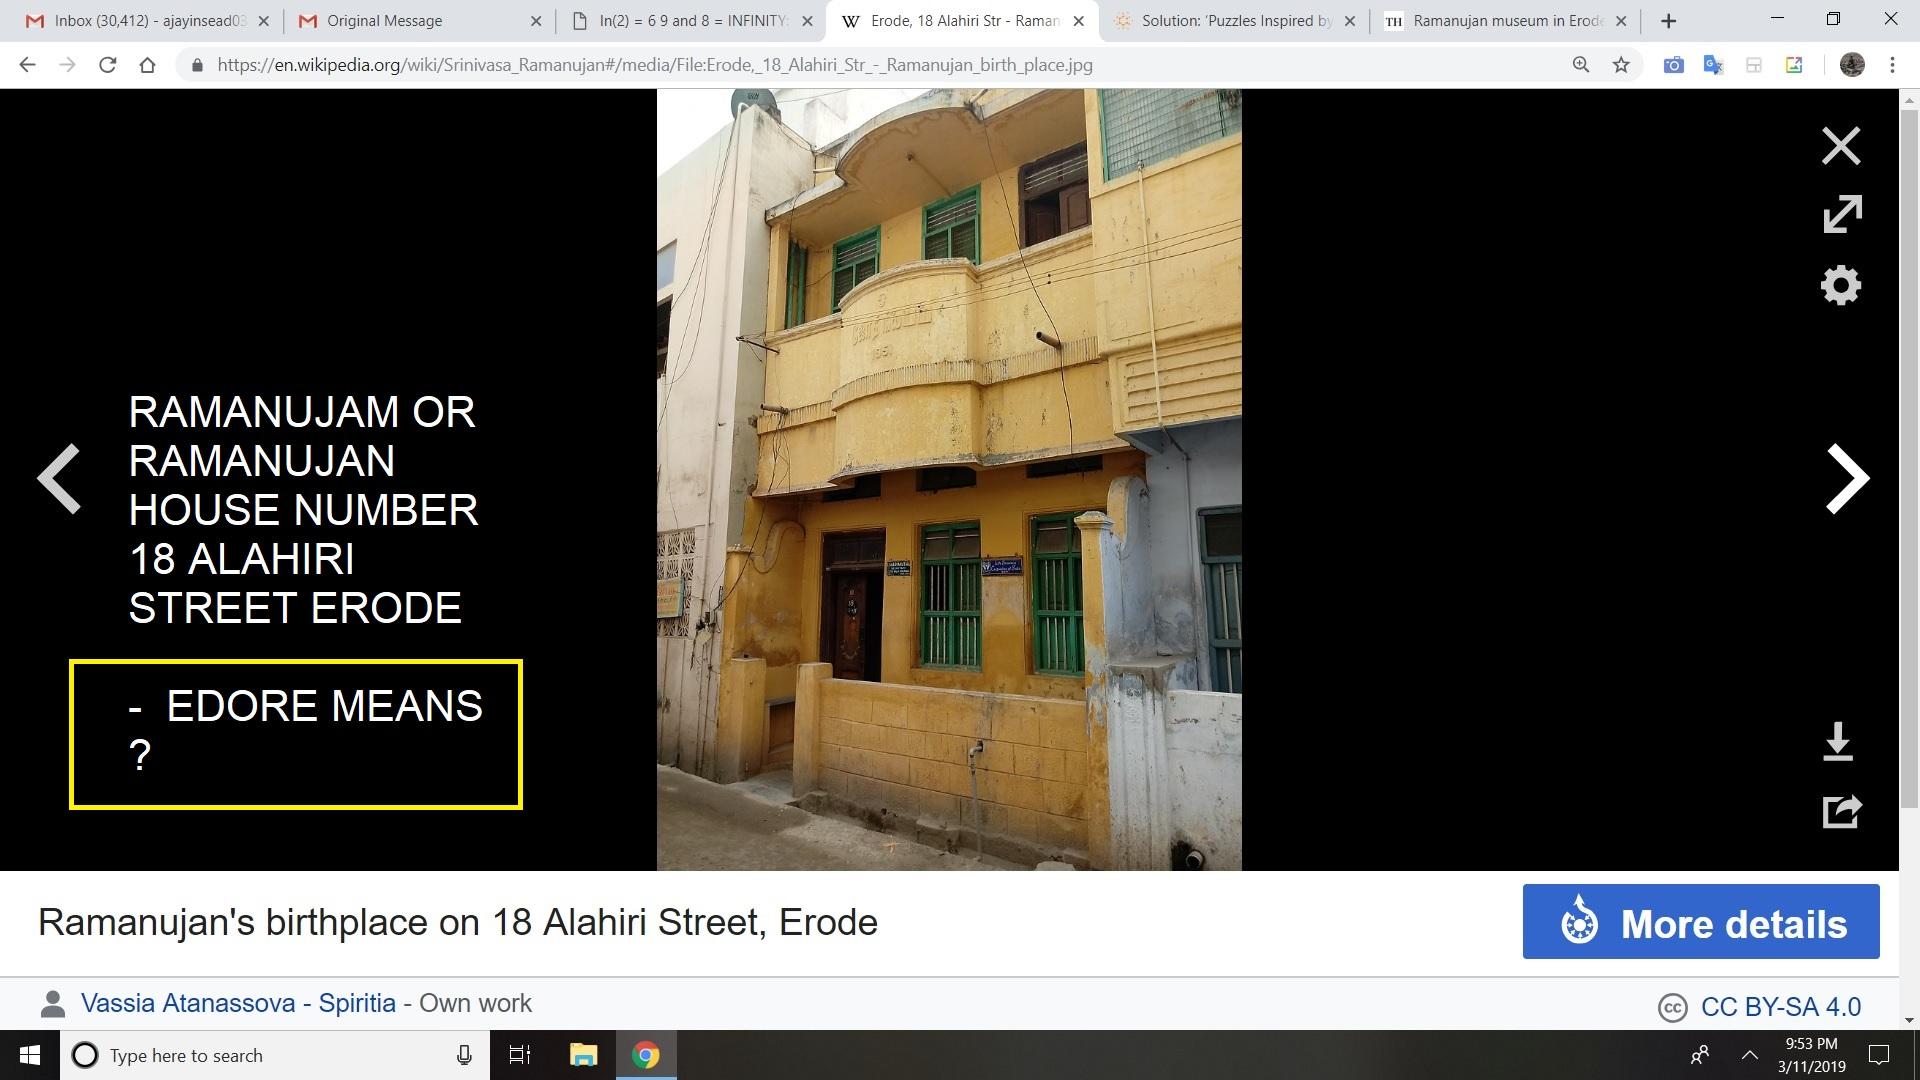 RAMANUJAM OR RAMANUJAN HOUSE NUMBER 18 ALAHIRI STREET ERODE - EDORE MEANS